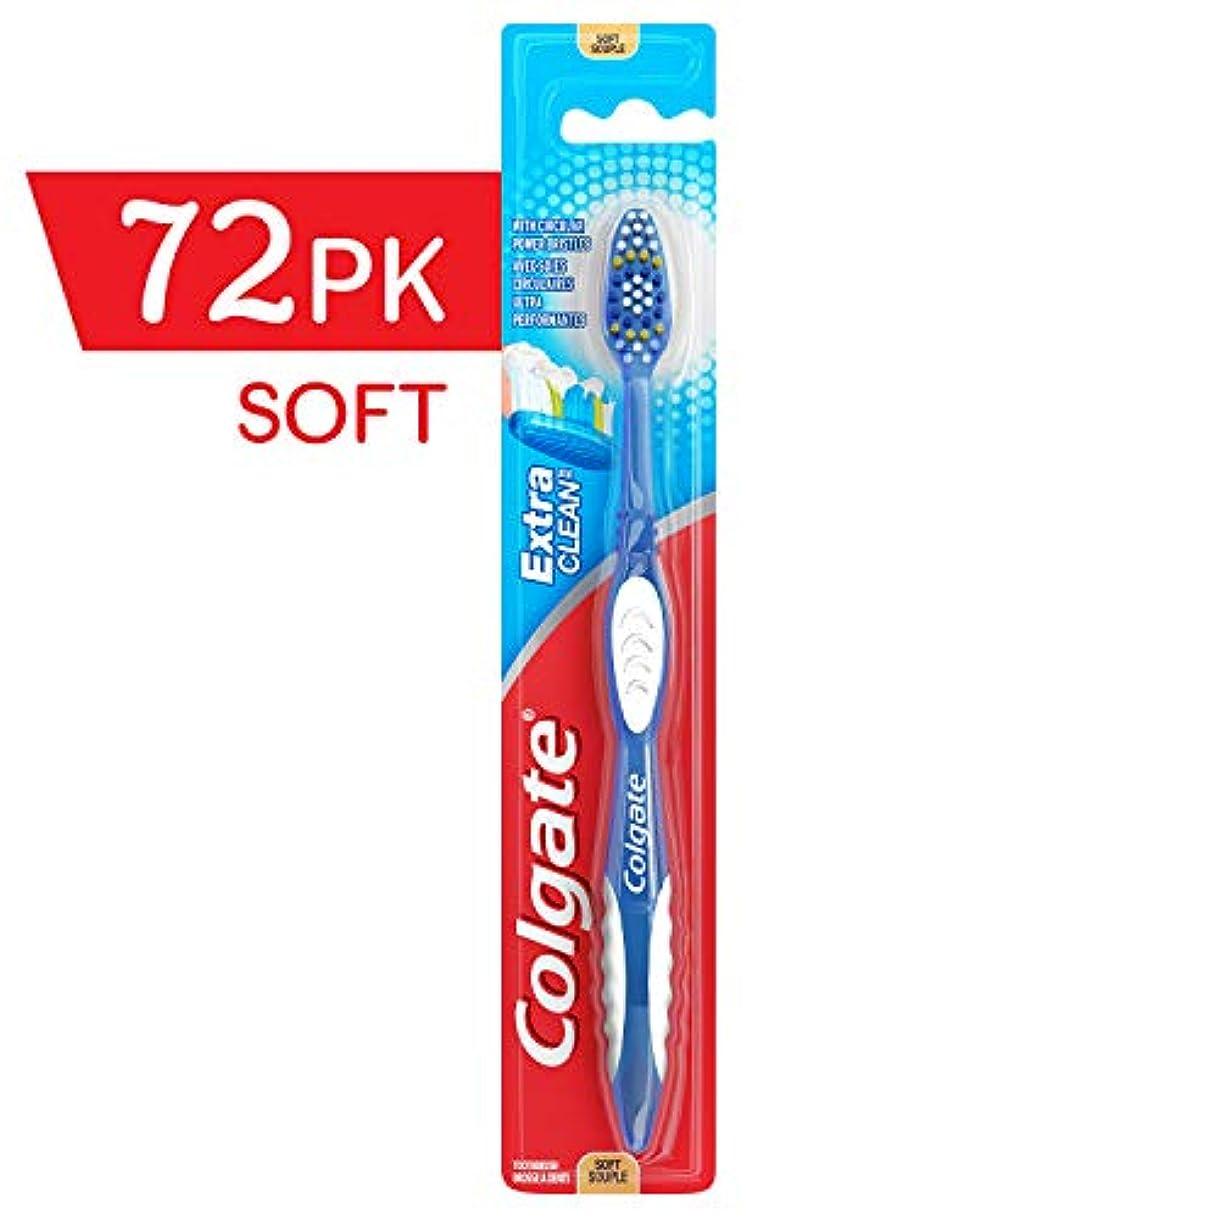 カウボーイ倒錯わざわざColgate エクストラクリーン歯ブラシソフト、柔らかい歯ブラシ、バルク歯ブラシ、旅行歯ブラシ、(72の場合)(モデル番号:155676)